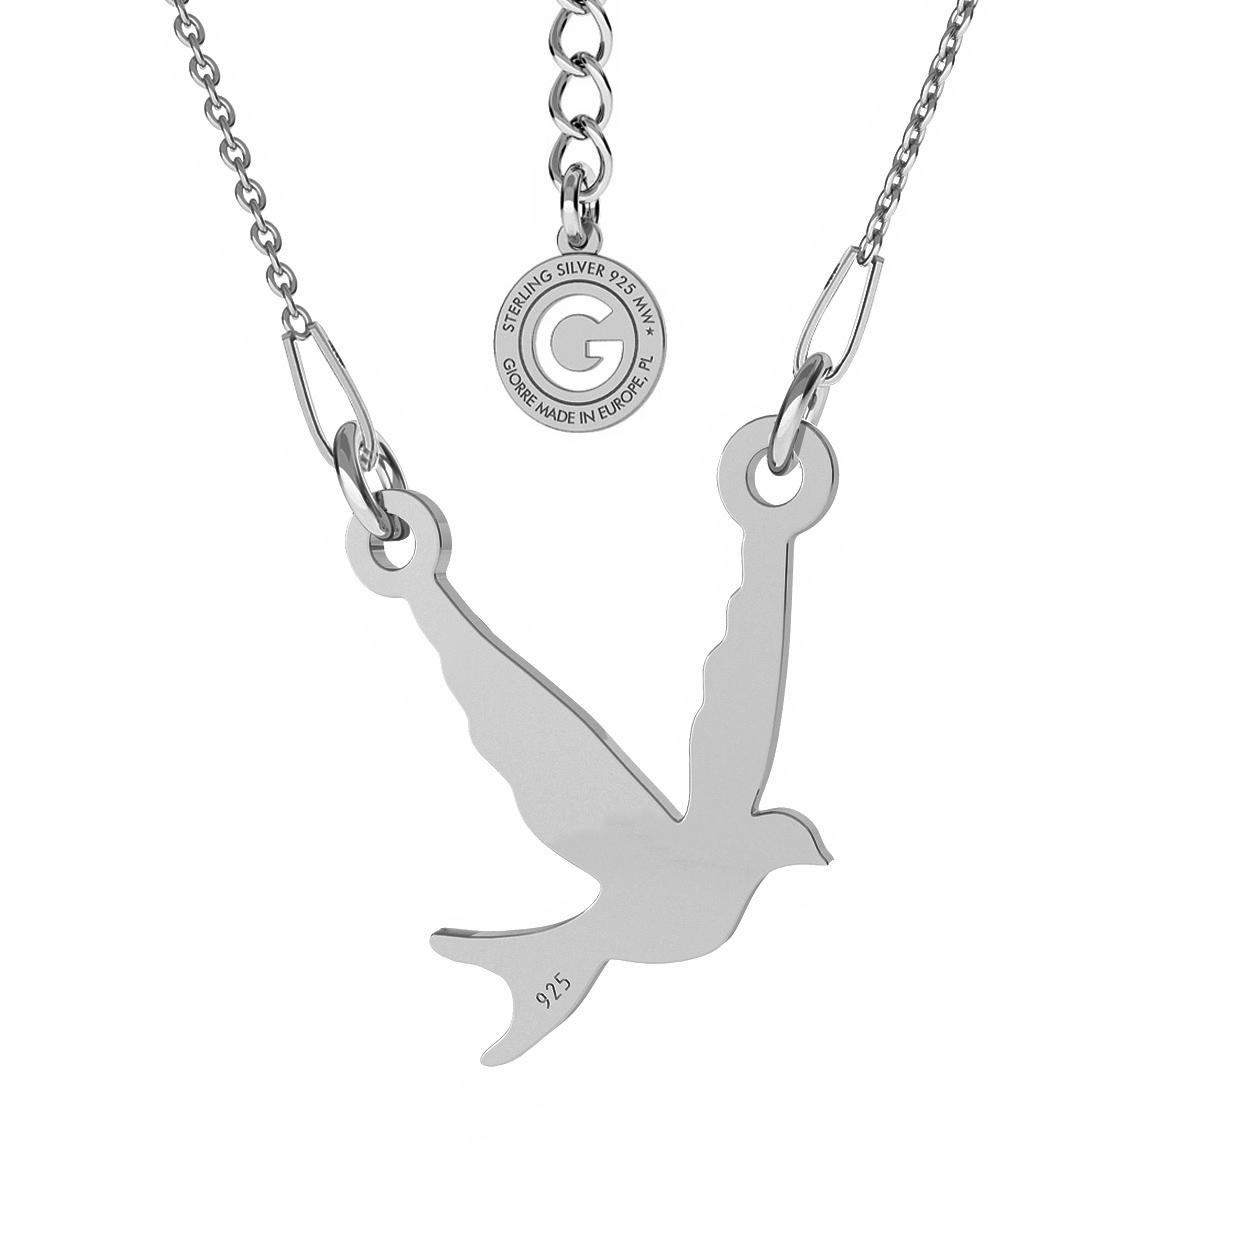 Srebrny naszyjnik ptak jaskółka, srebro 925